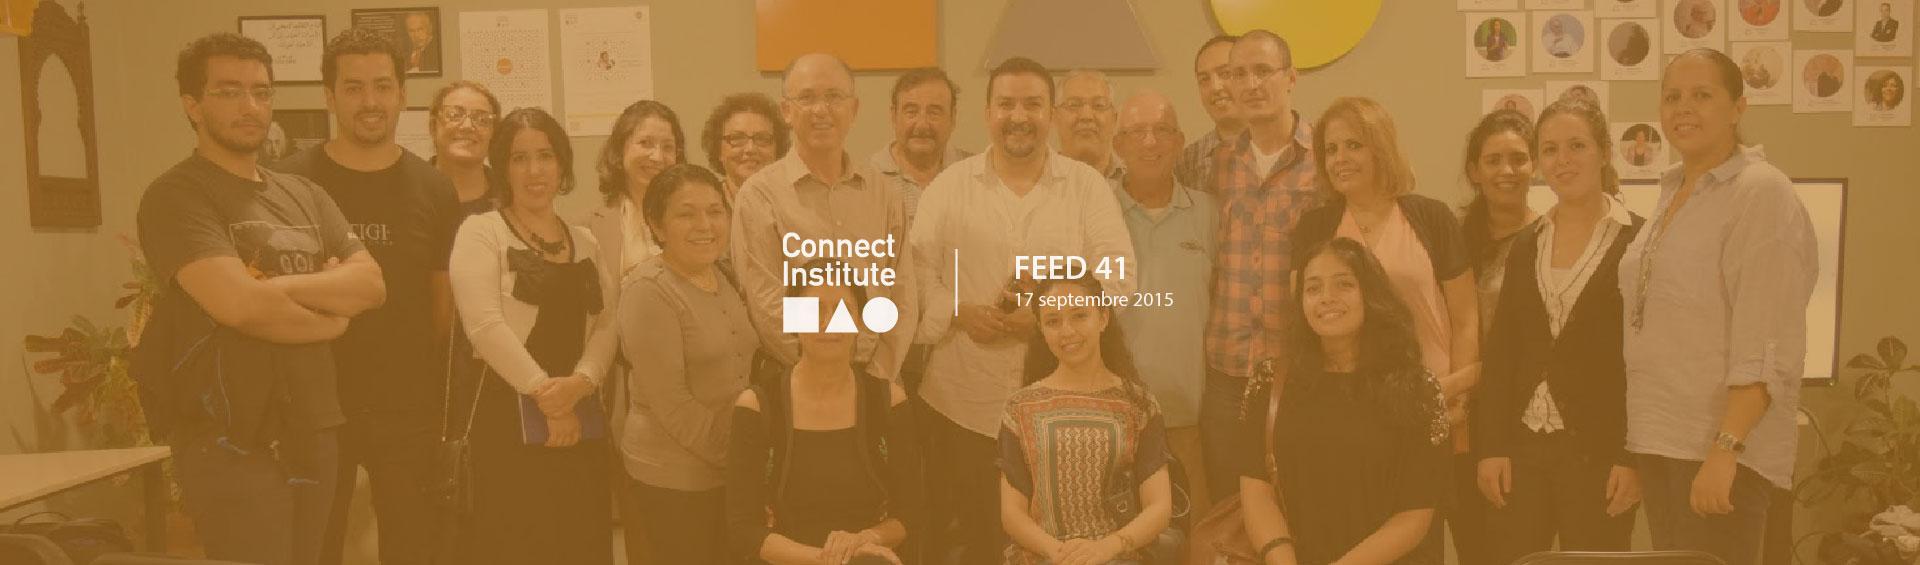 FEED 41